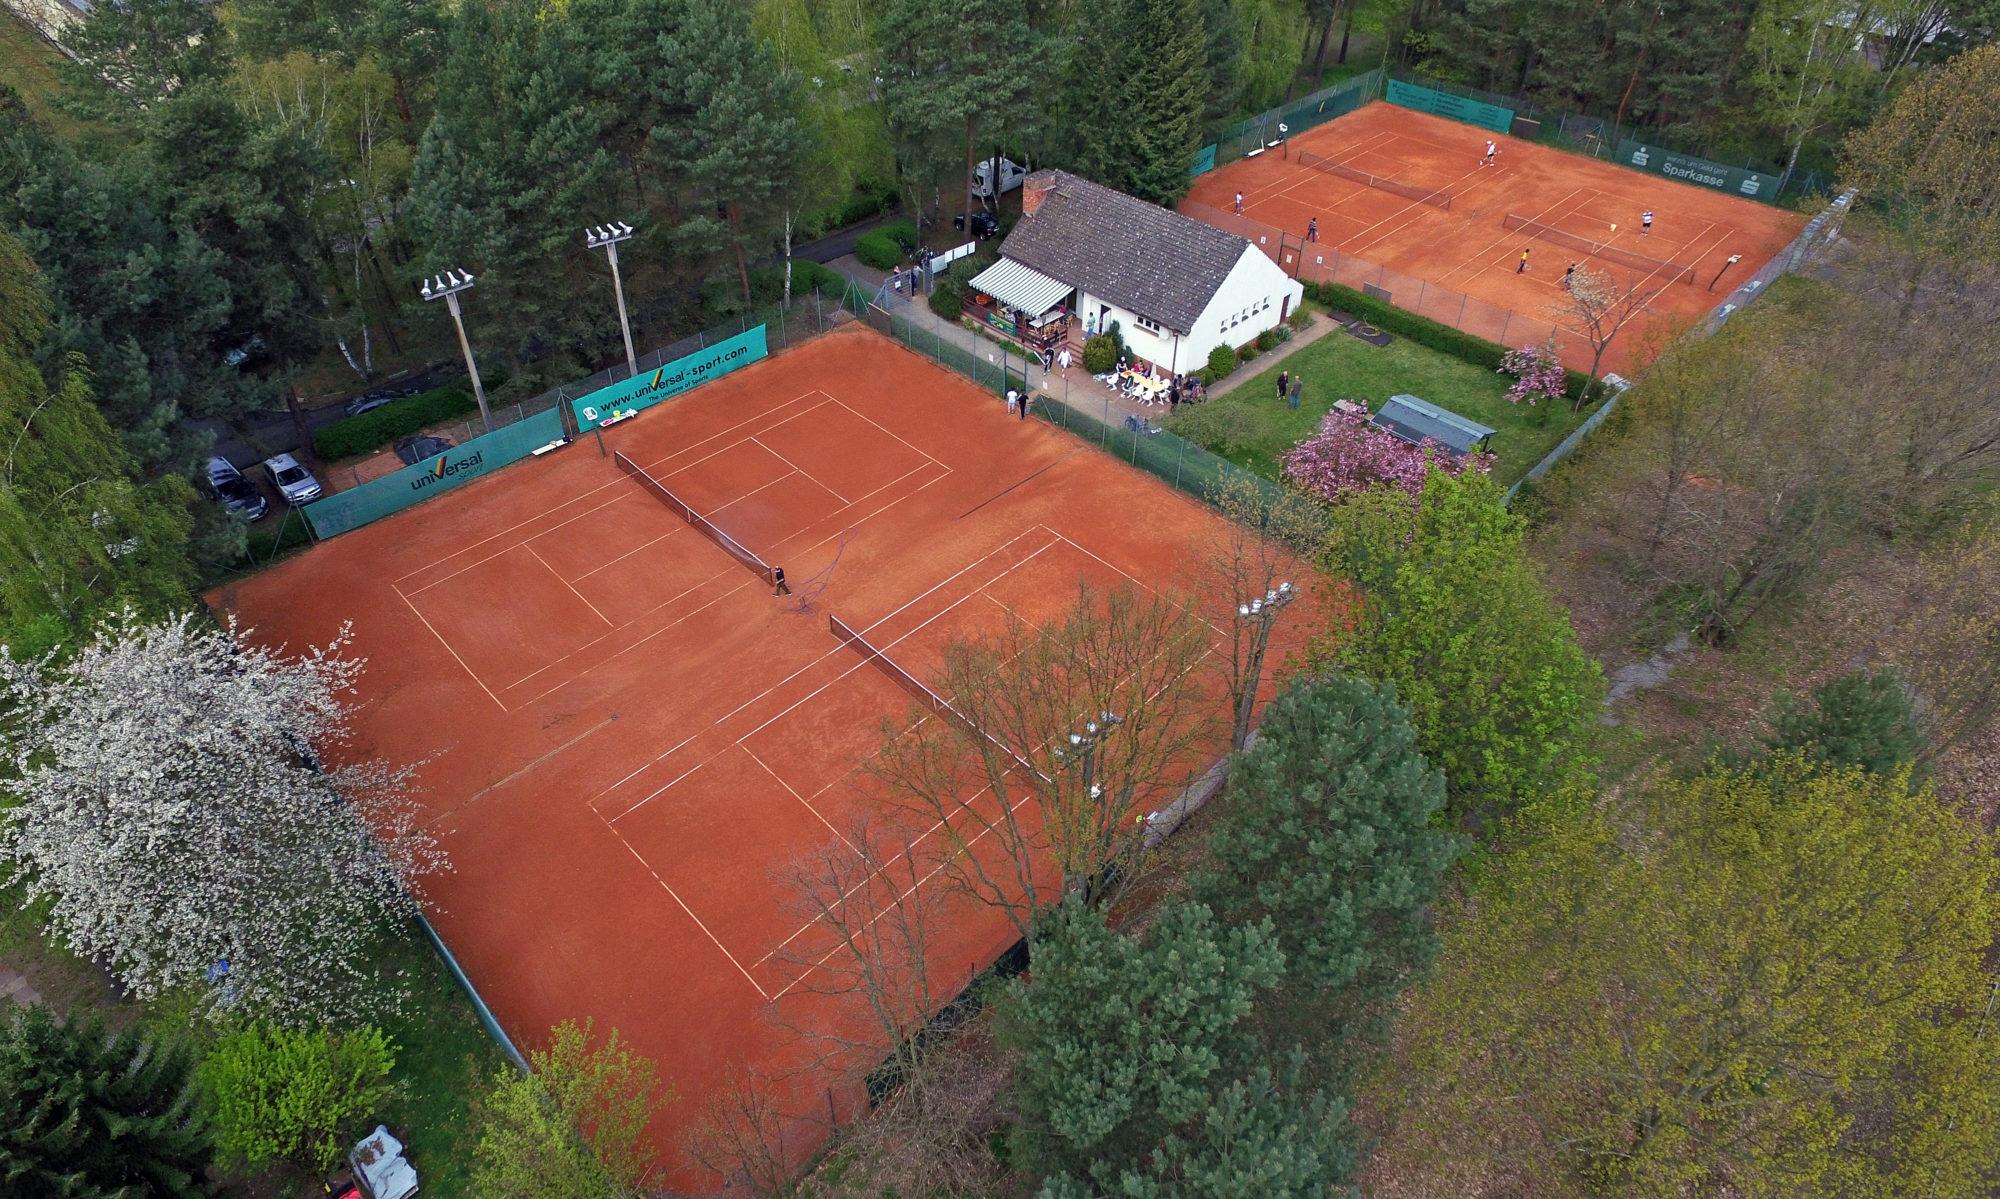 Tennisverein Hennigsdorf